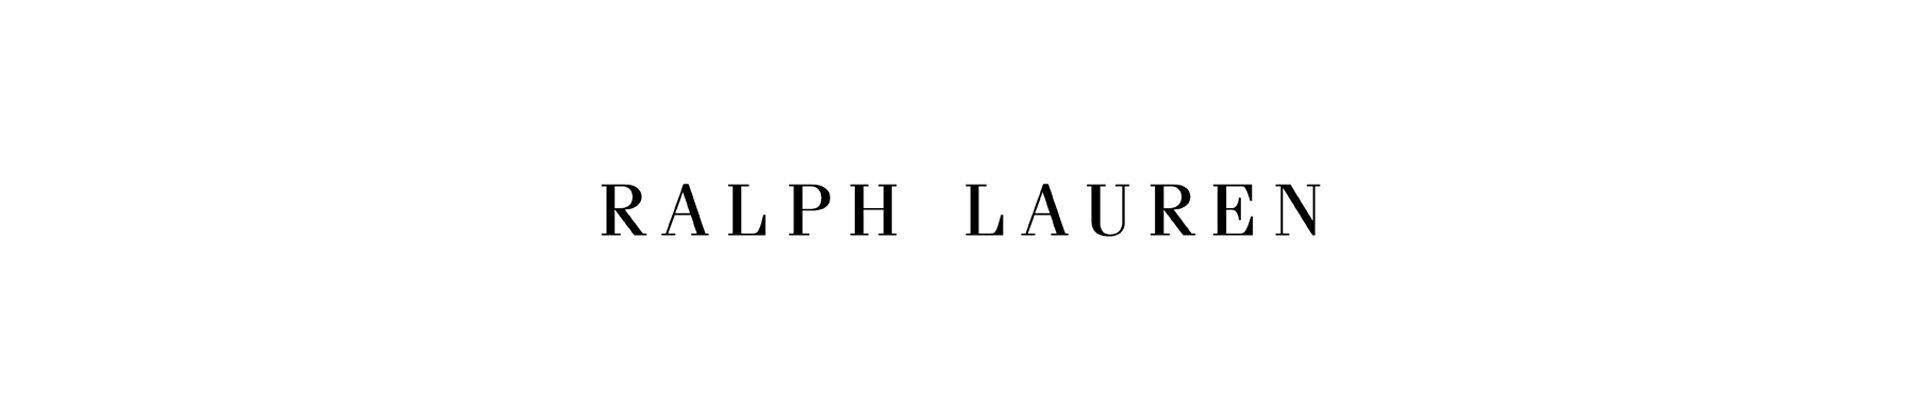 lauren by ralph ralph lauren site